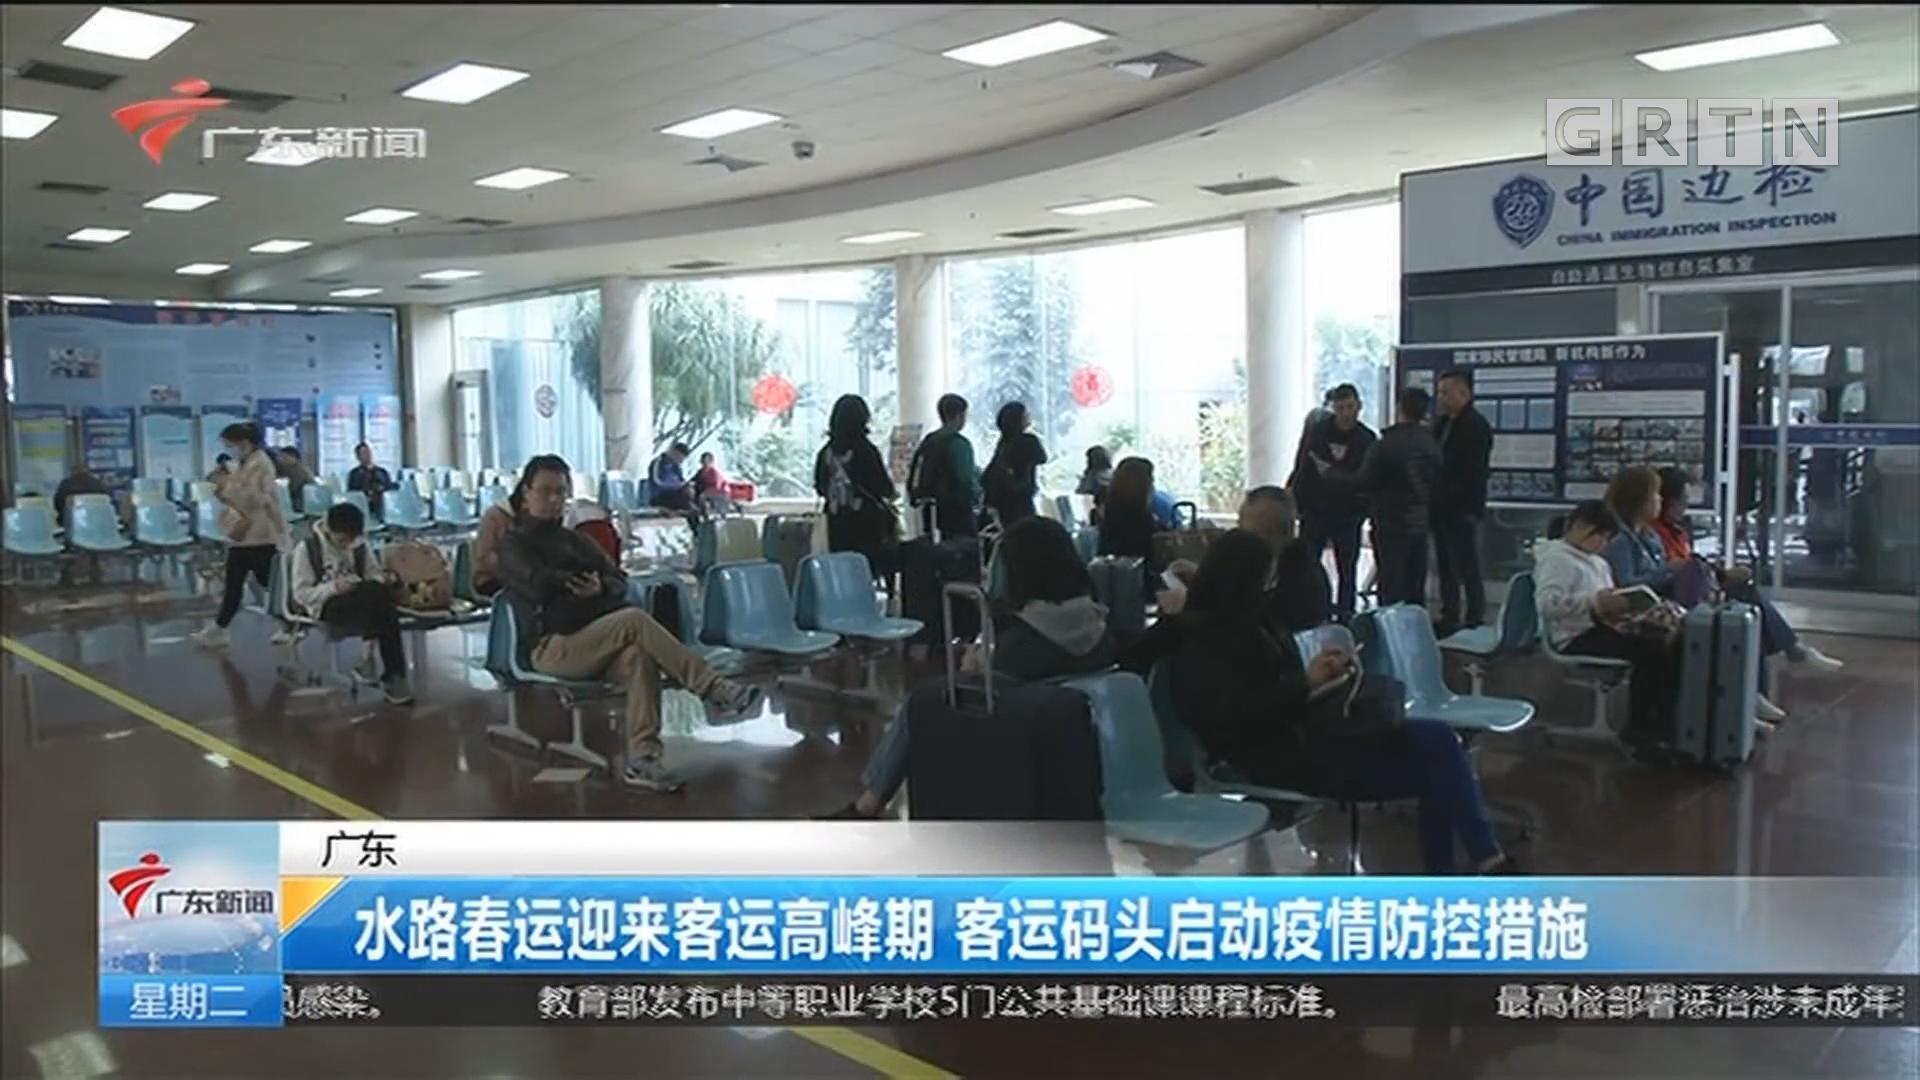 广东:水路春运迎来客运高峰期 客运码头启动疫情防控措施